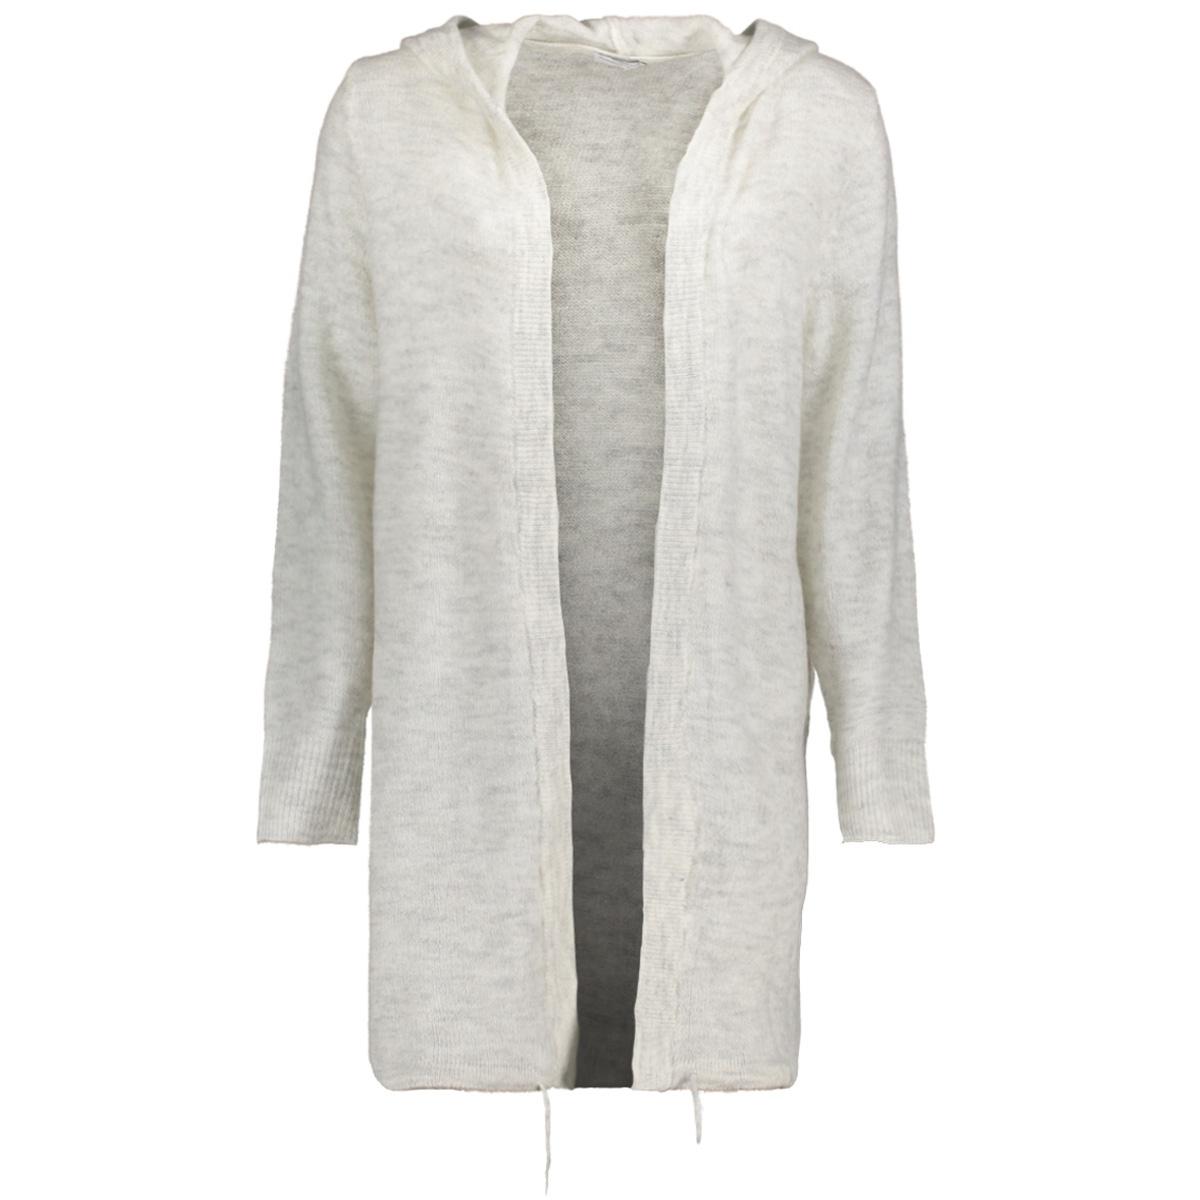 jdysoldier l/s cardigan knt 15138664 jacqueline de yong vest white/melange